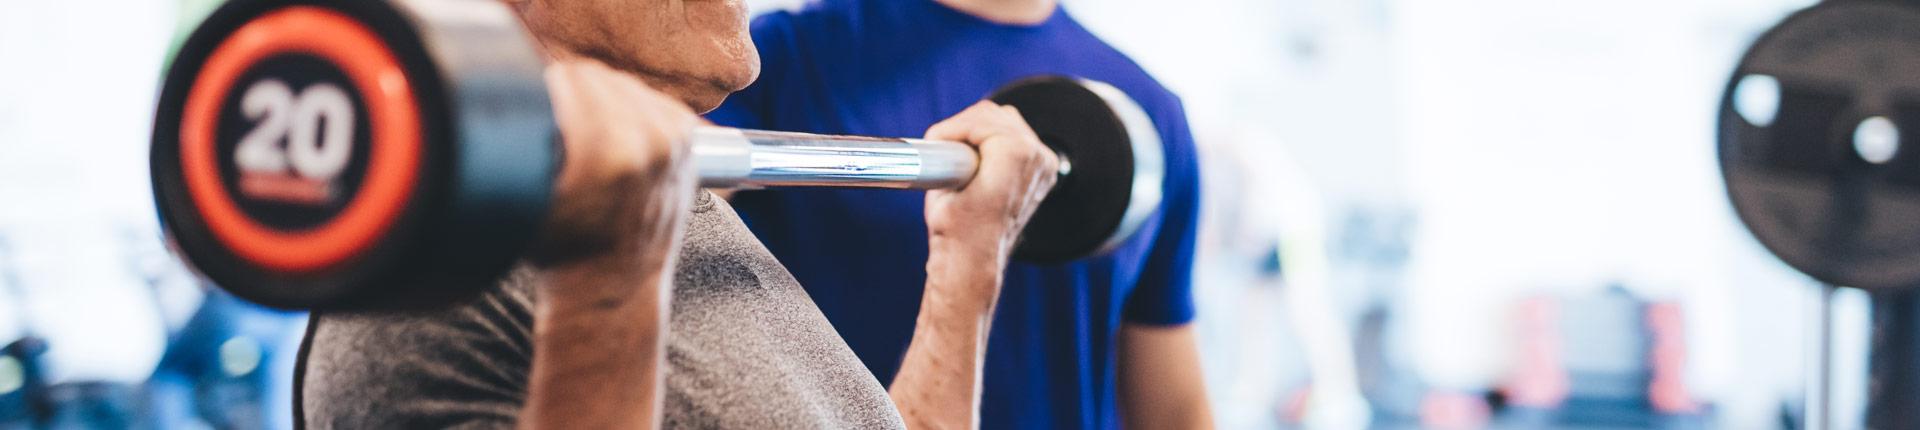 Styl życia zmniejszający stan zapalny może wzmacniać efekty treningu siłowego